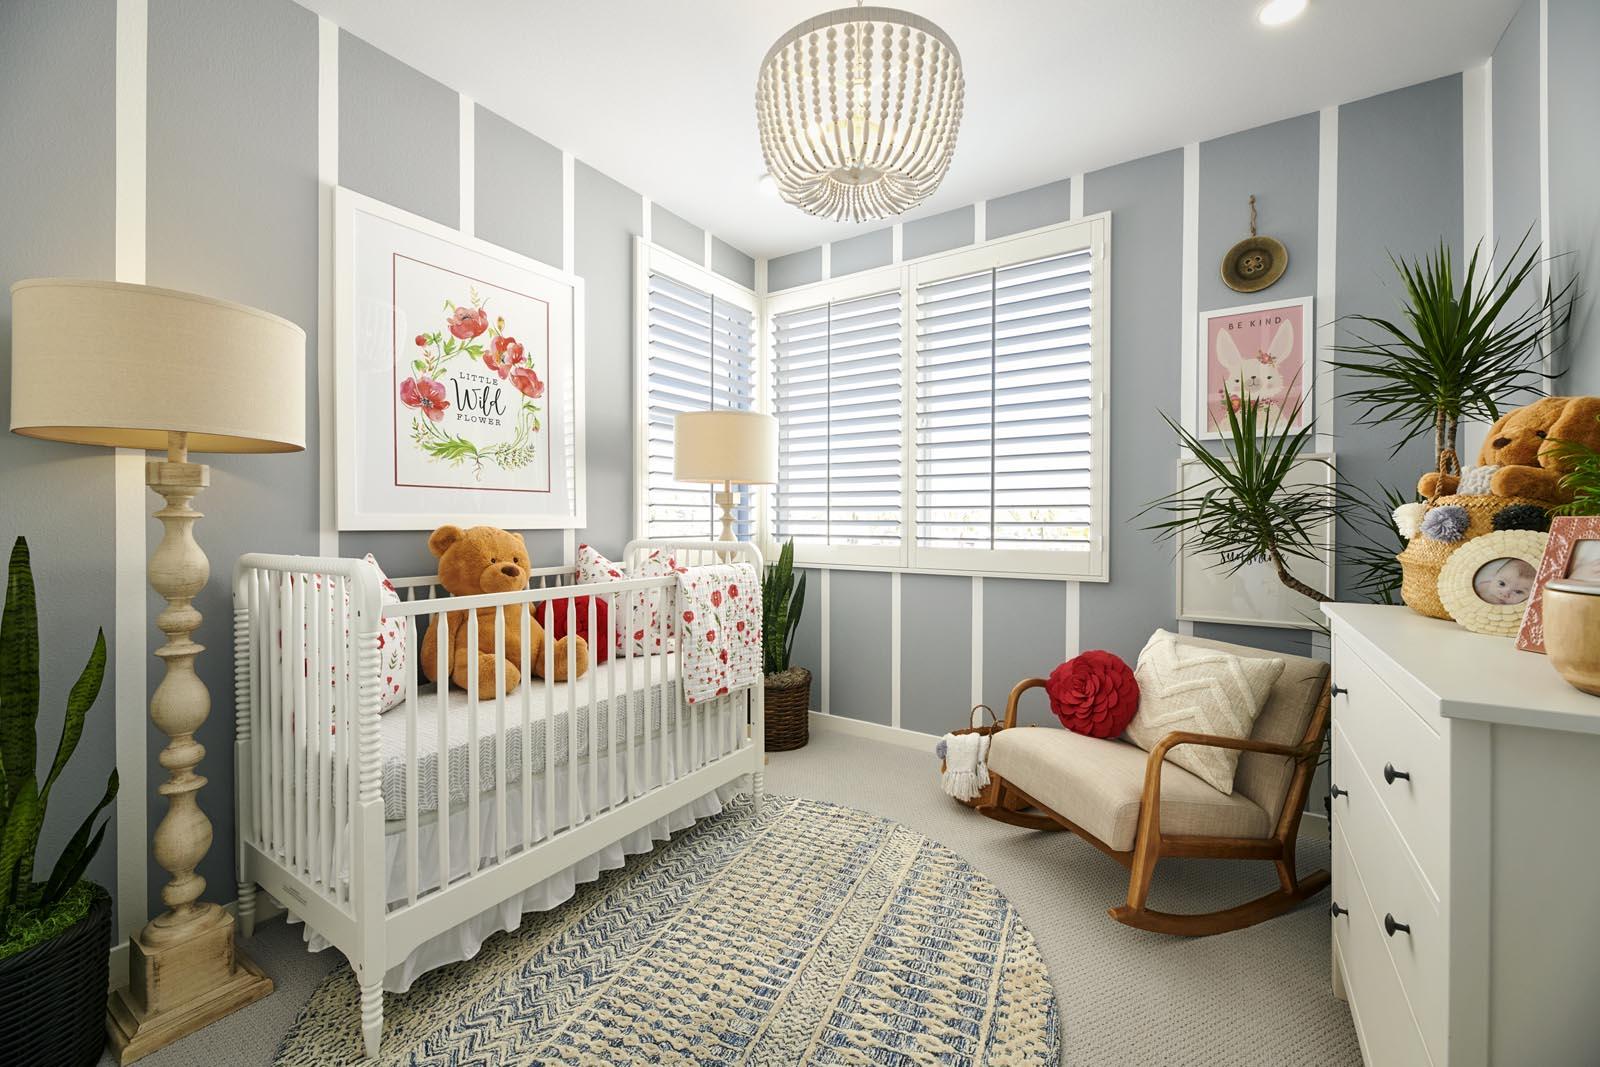 Bedroom | Residence 4 | Aspire | New Homes in Rancho Cucamonga, CA | Van Daele Homes